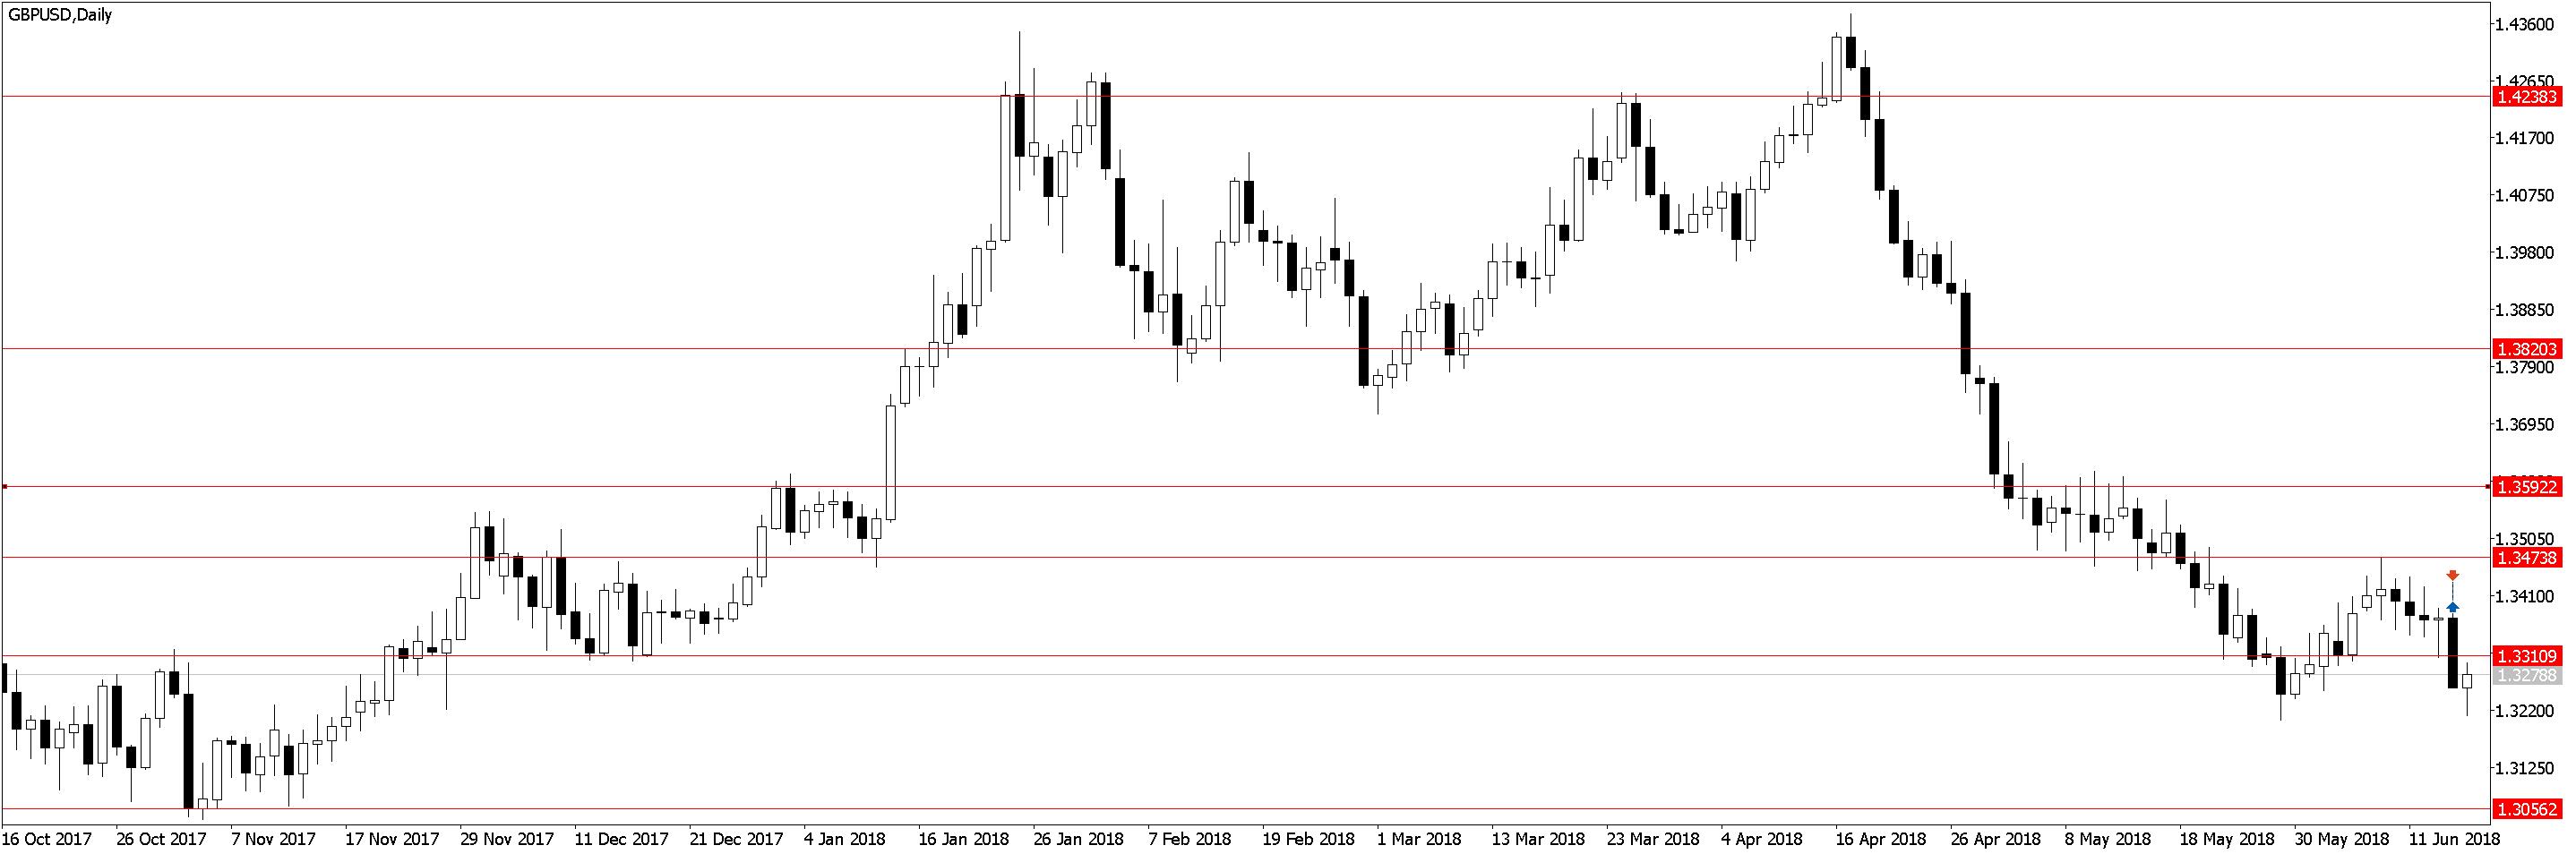 GBPUSDDaily 1 Усталость от трейдинга, торговля акций, переторговка